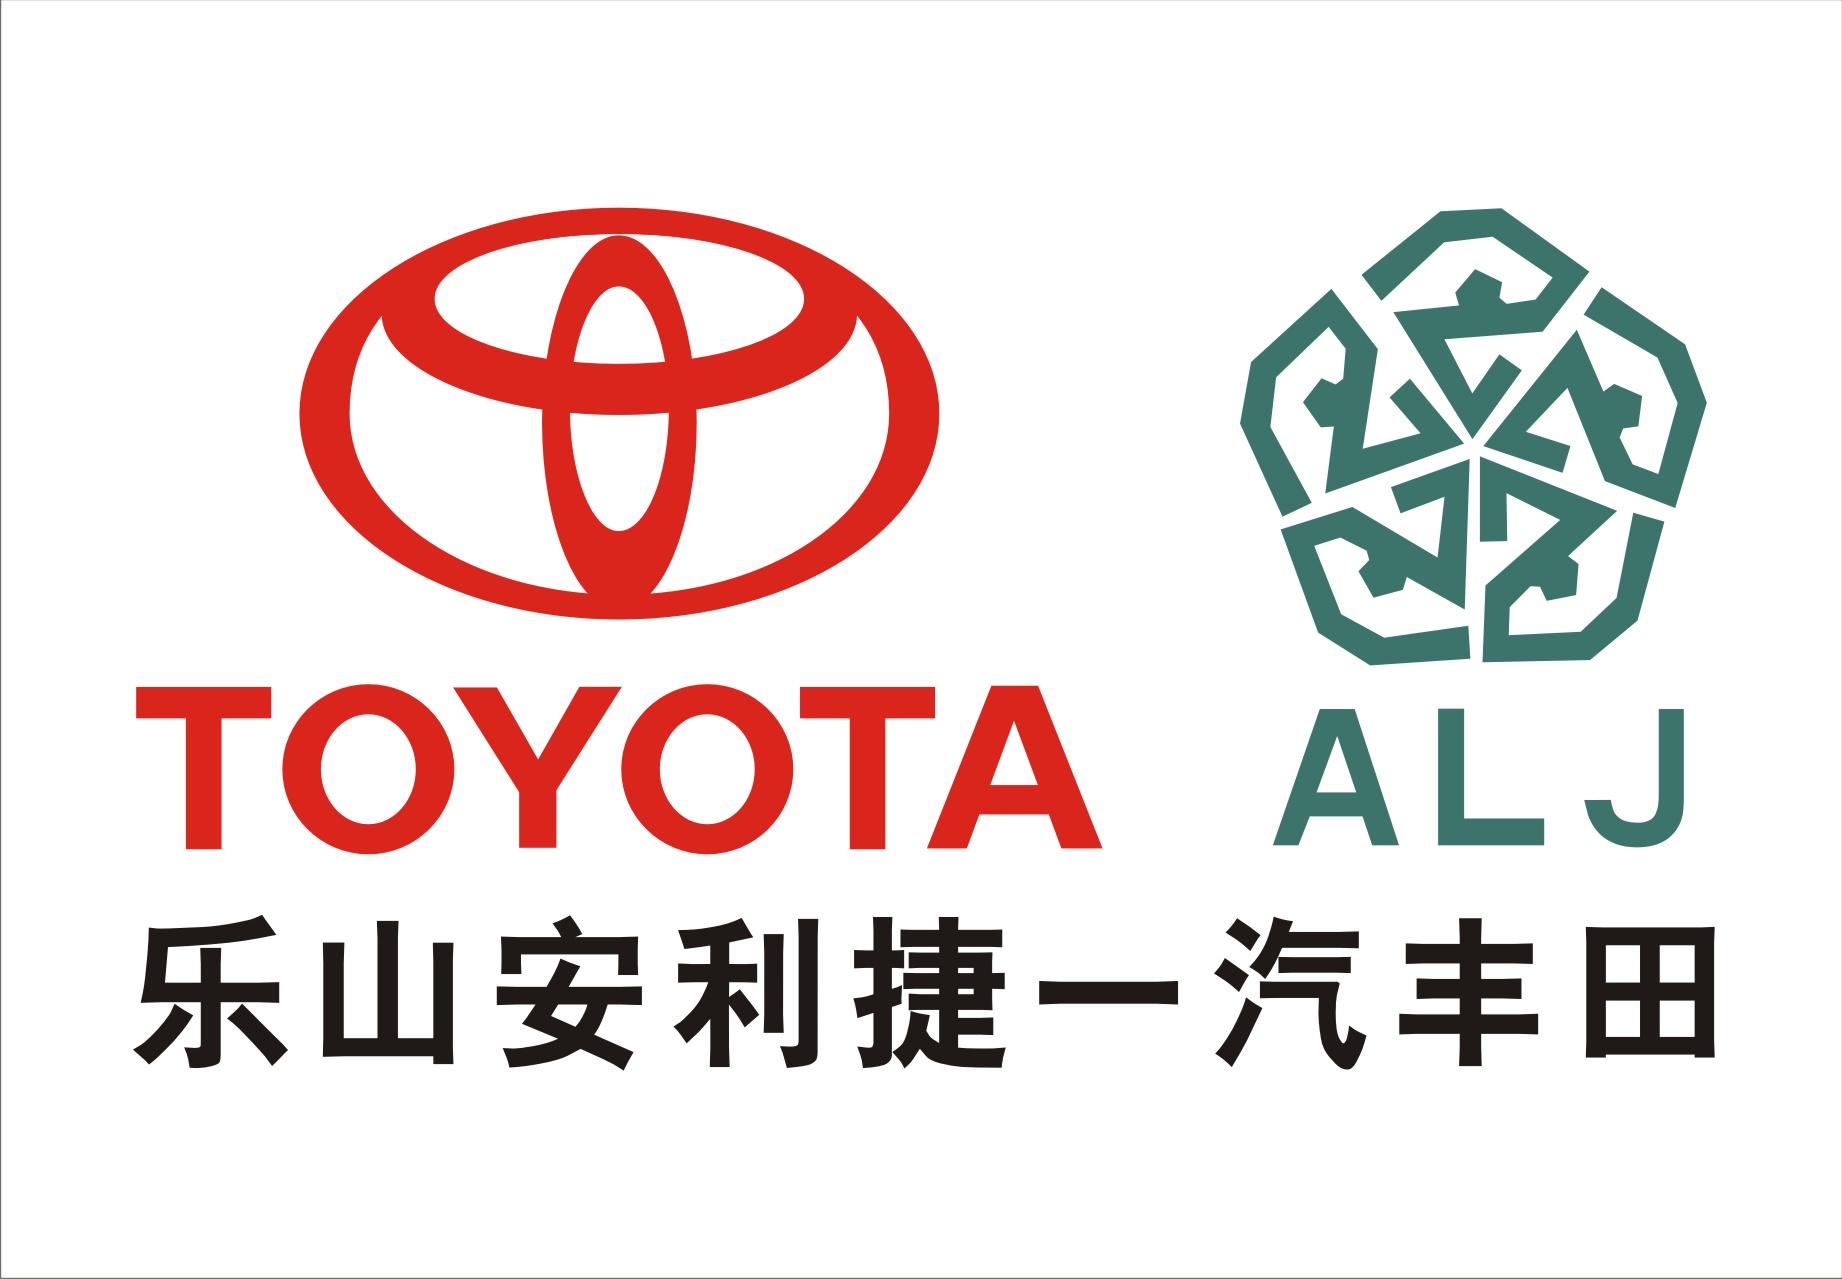 乐山安利捷丰田汽车销售服务有限公司.